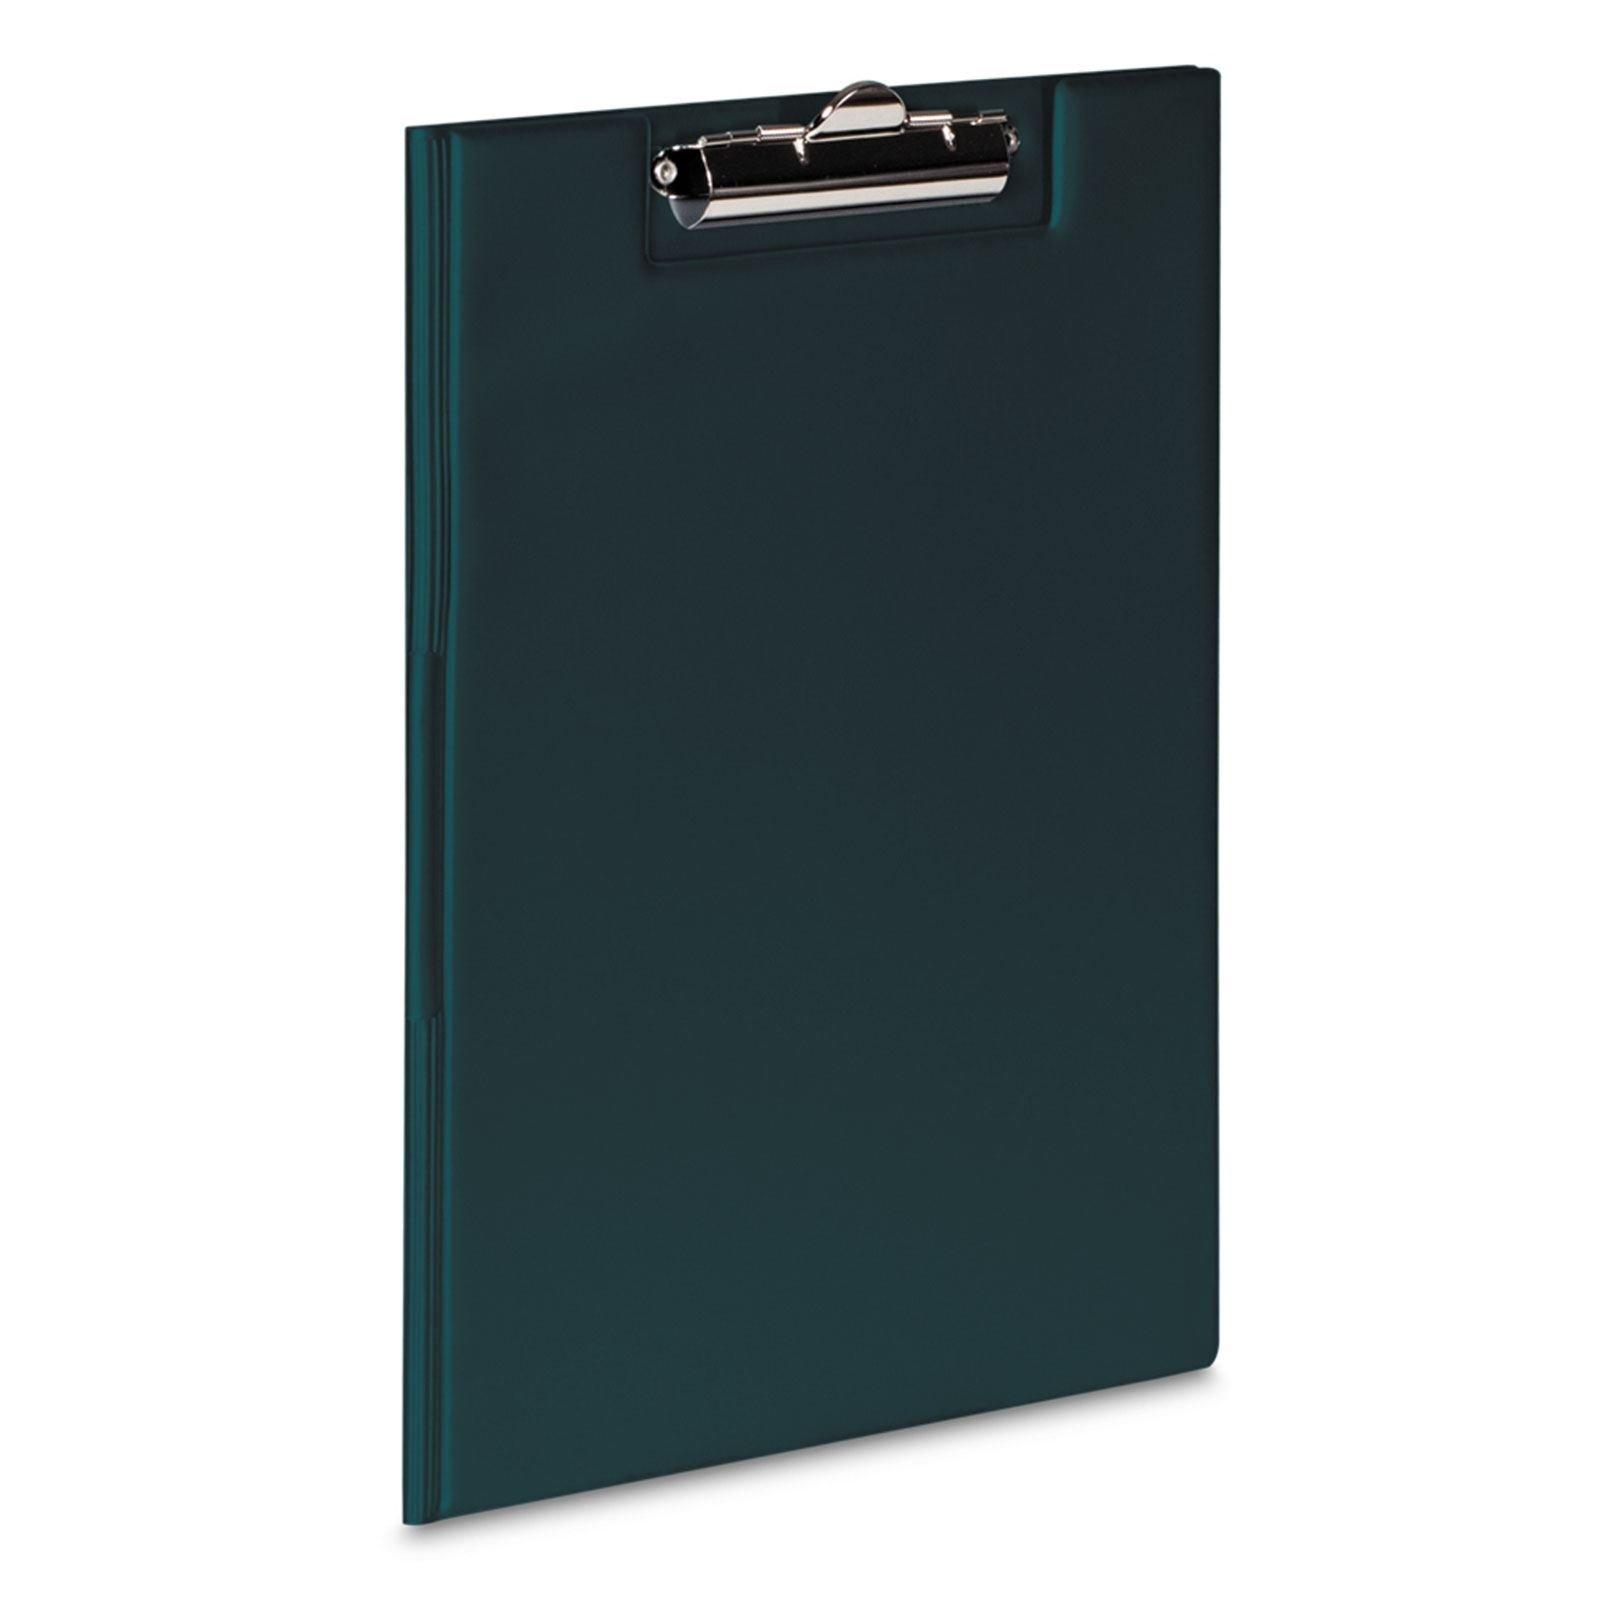 Nero A4Clipboard Solid PVC Board documento portapenne documenti con tasca trasparente custodia fold